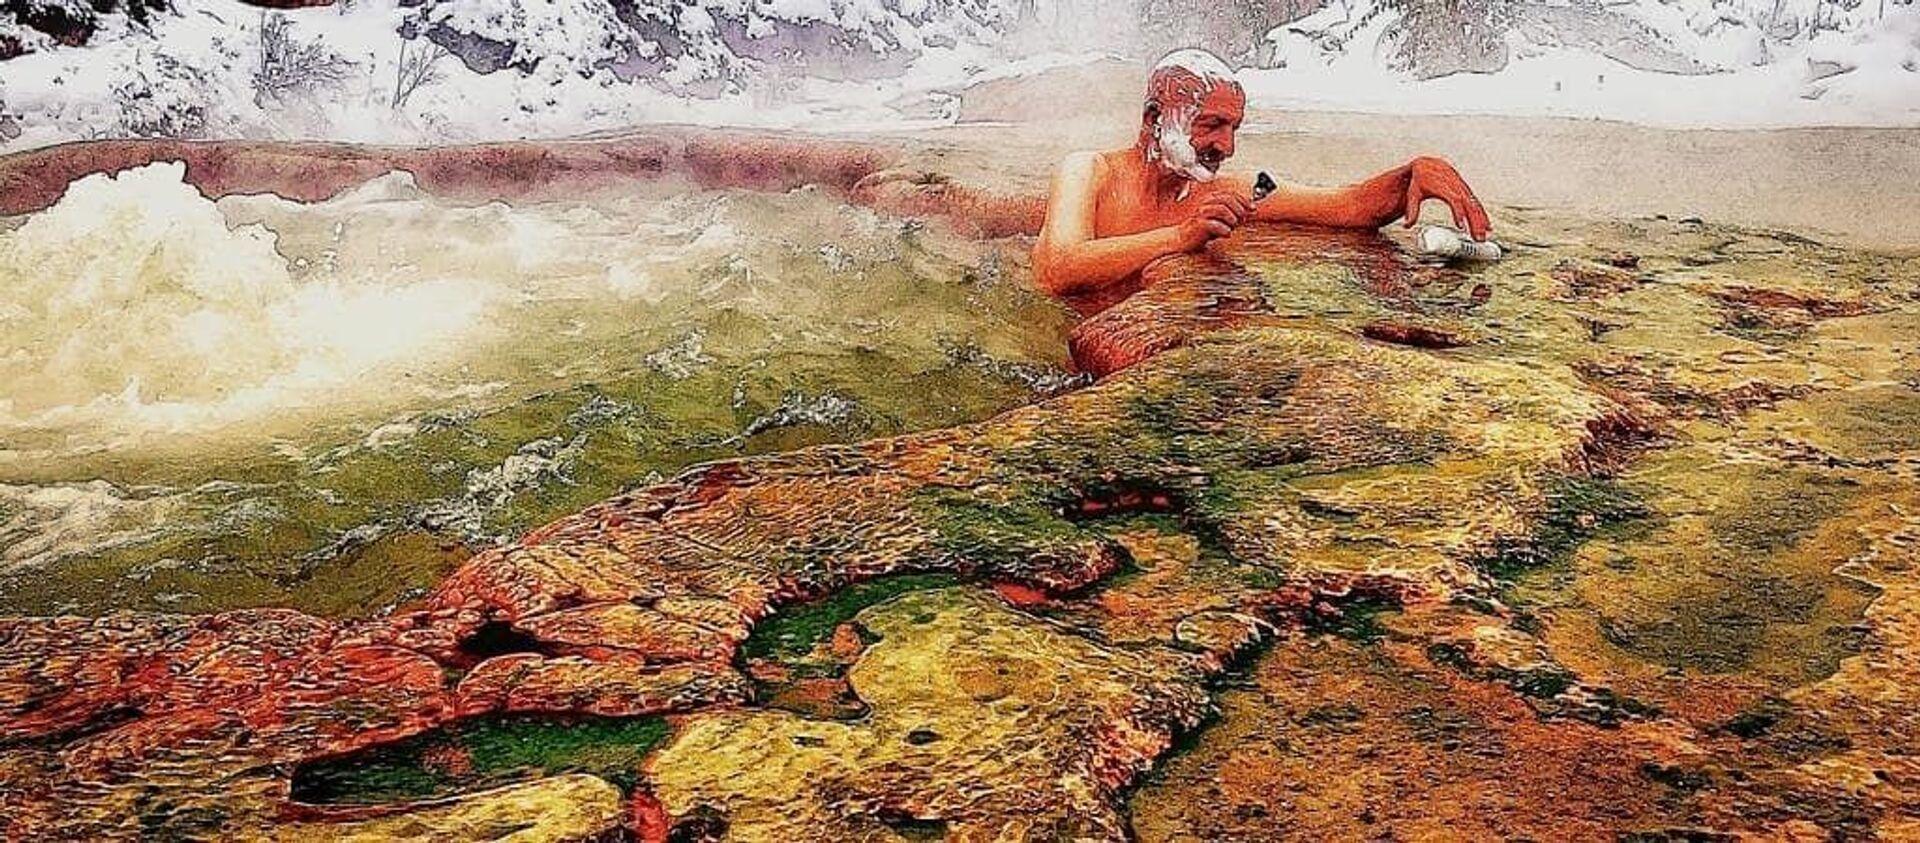 Реза Дегати в термальном источнике в Кельбаджарском районе Азербайджана - Sputnik Азербайджан, 1920, 15.02.2021